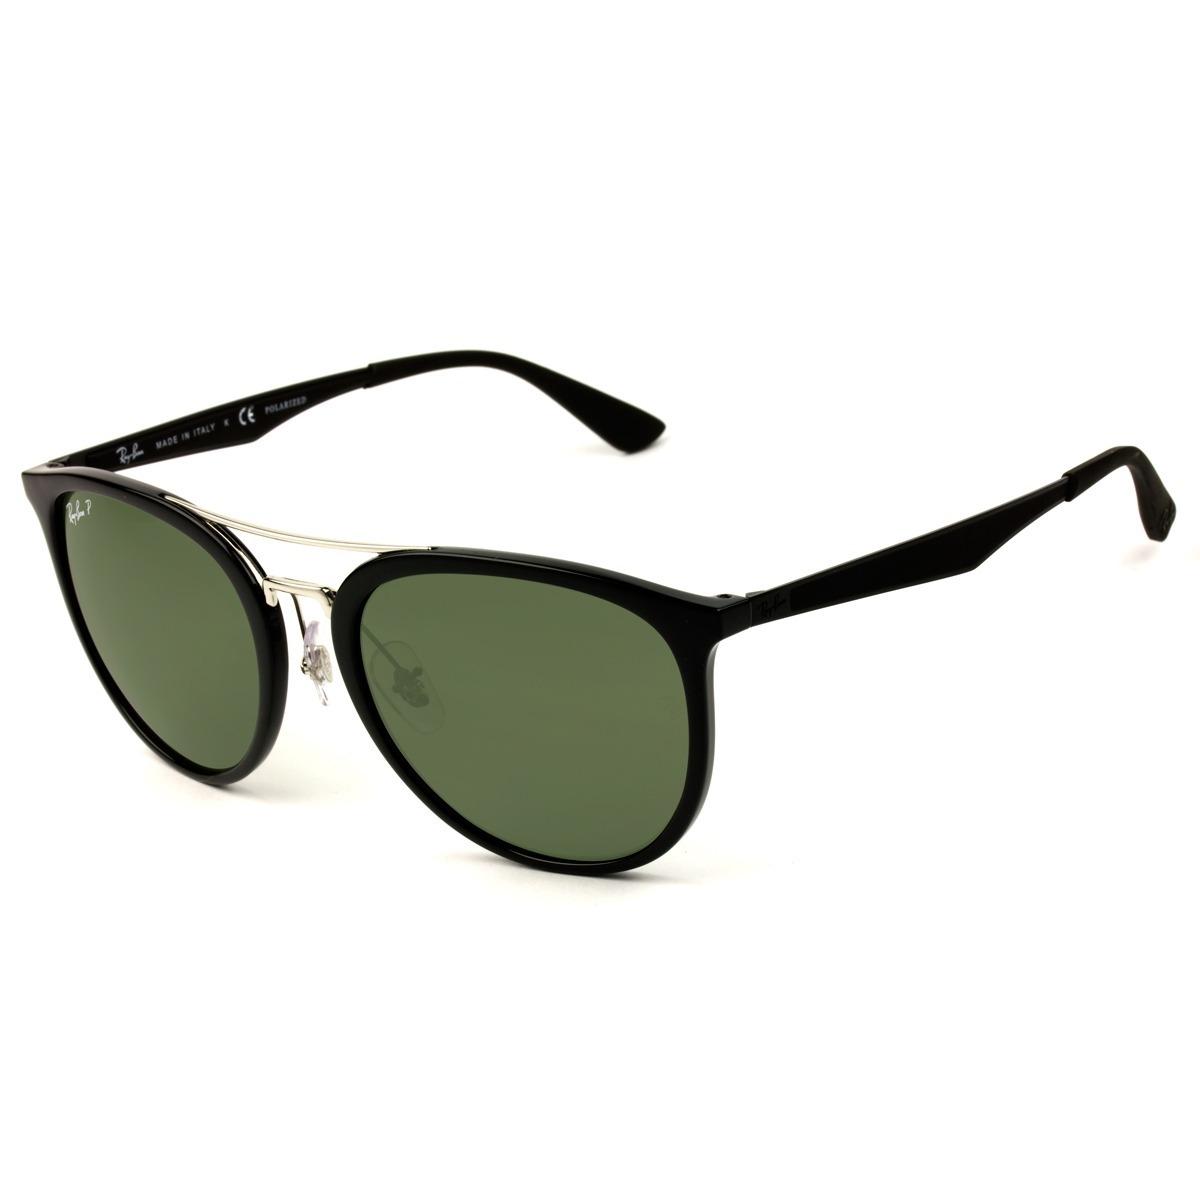 25c5fd14251cc óculos de sol ray-ban rb4285 601 9a 55 polarizado original. Carregando zoom.